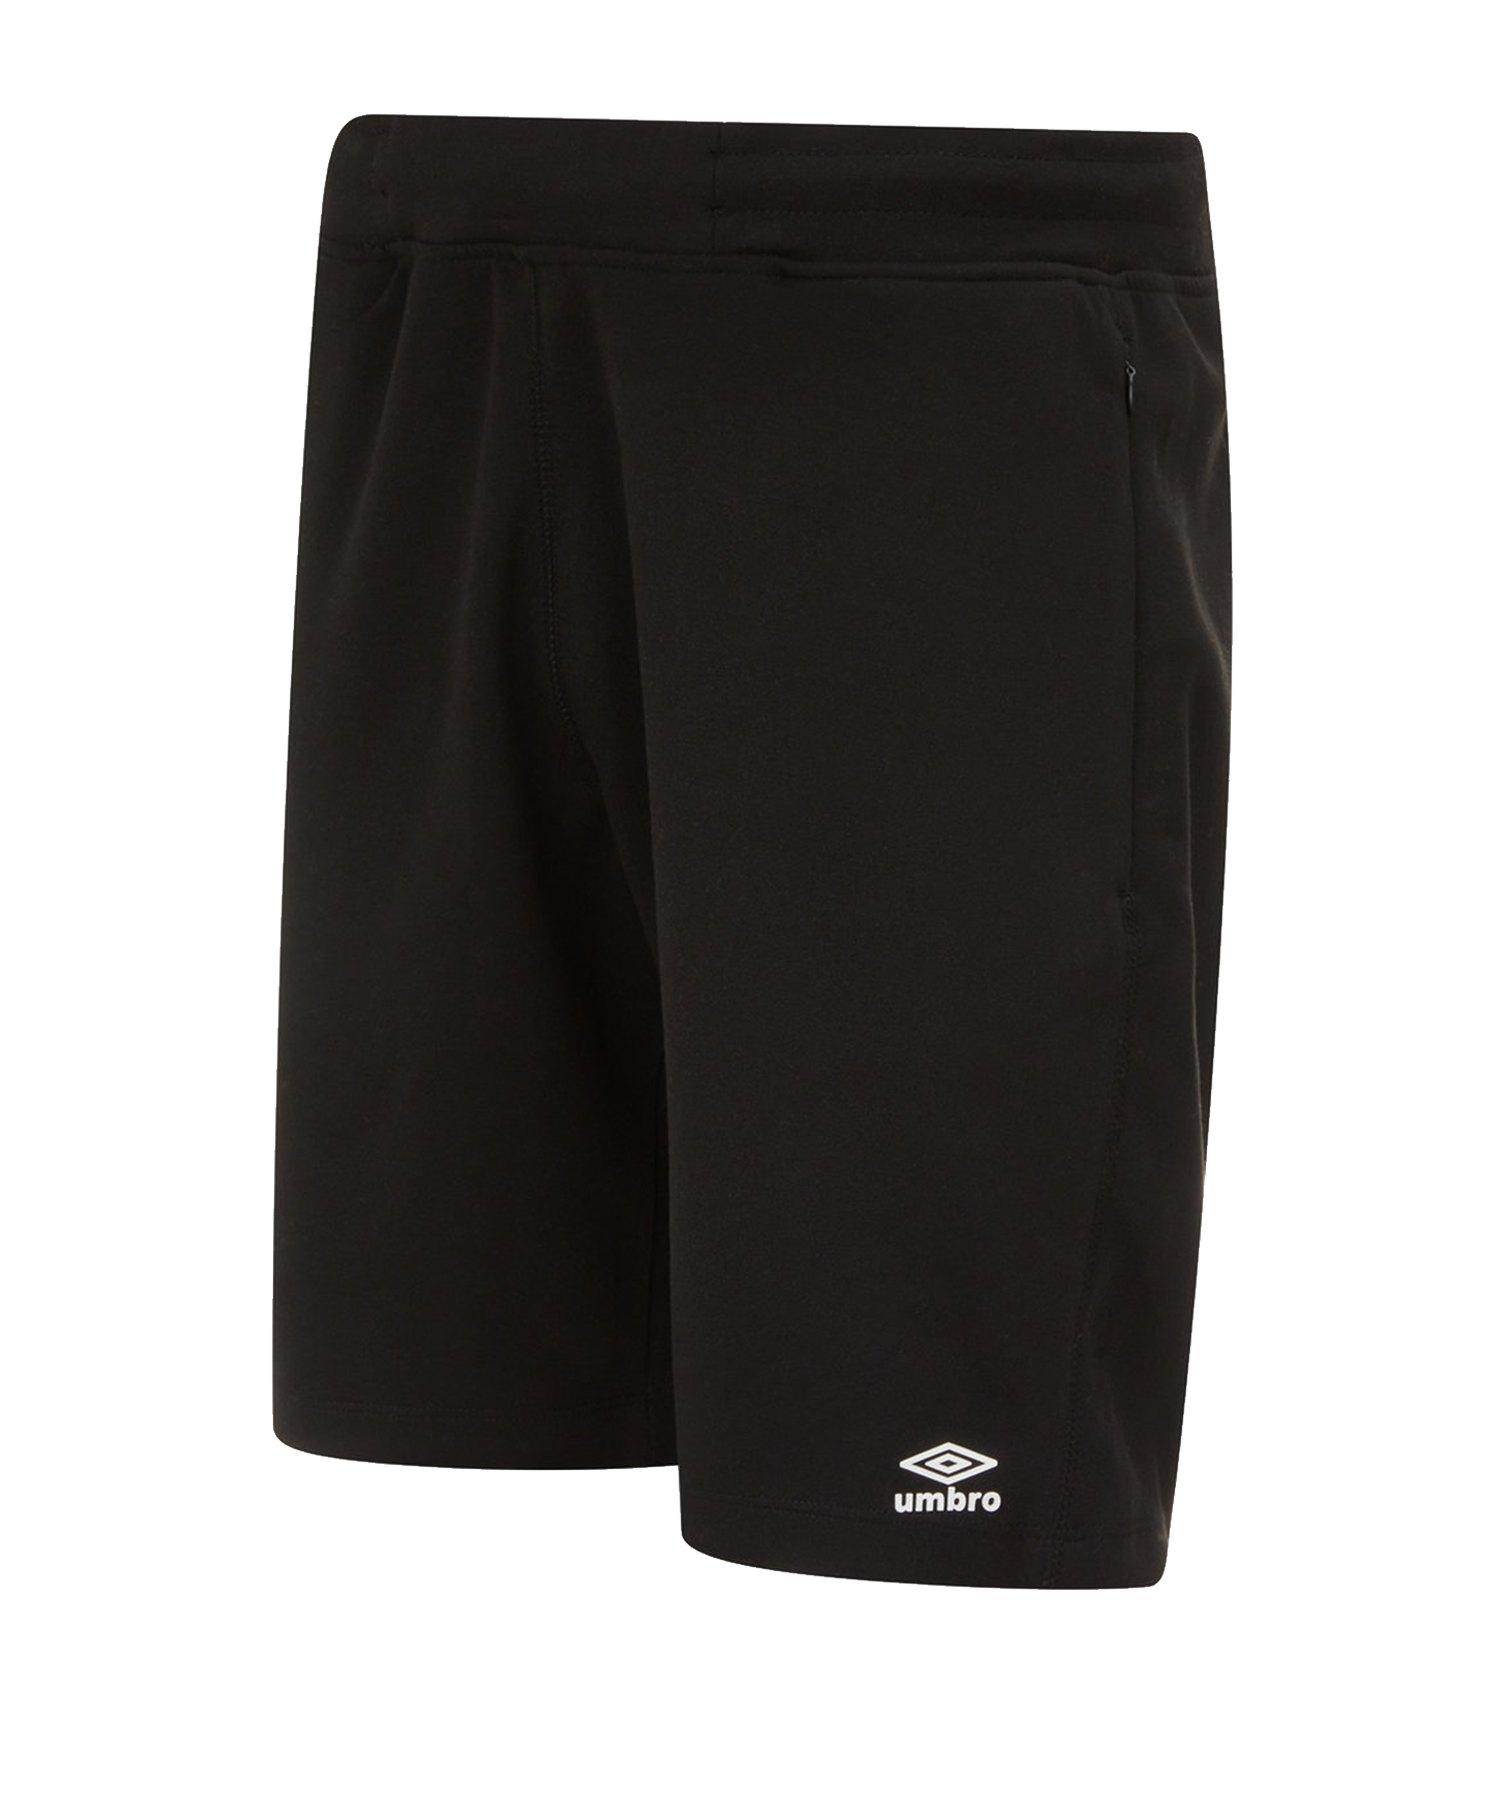 Umbro Pro Fleece Short Schwarz F090 - Schwarz